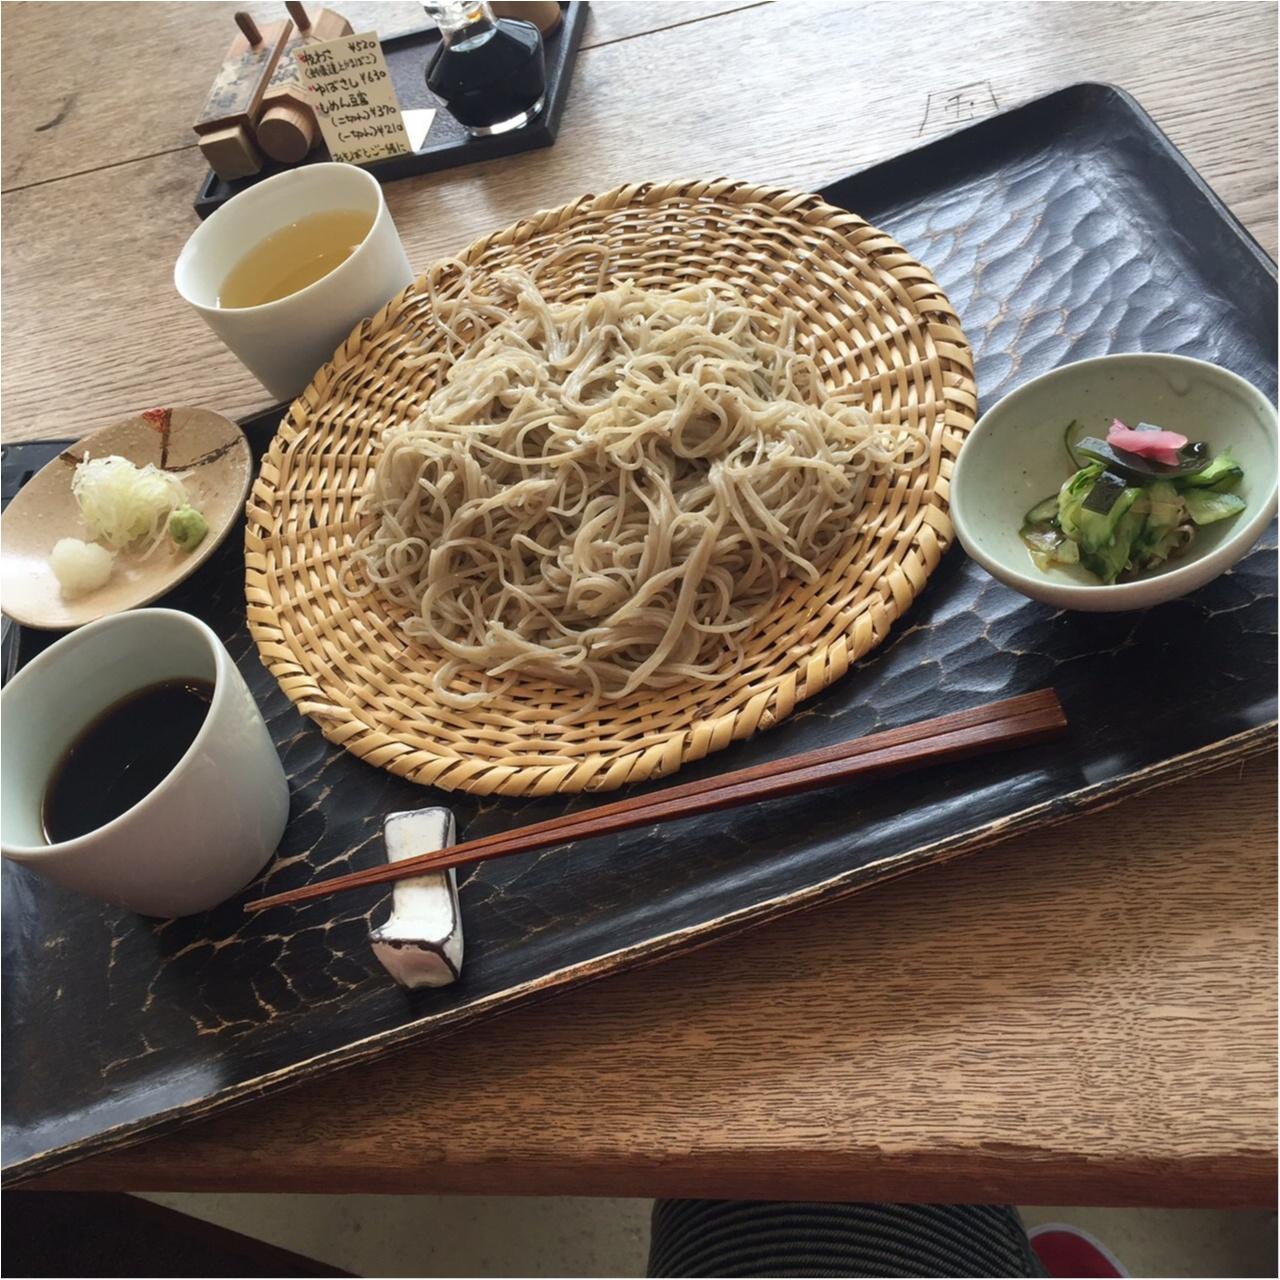 【箱根旅】箱根湯本駅から徒歩1分❤︎アートなお蕎麦屋さんで腹ごしらえ☺︎_4